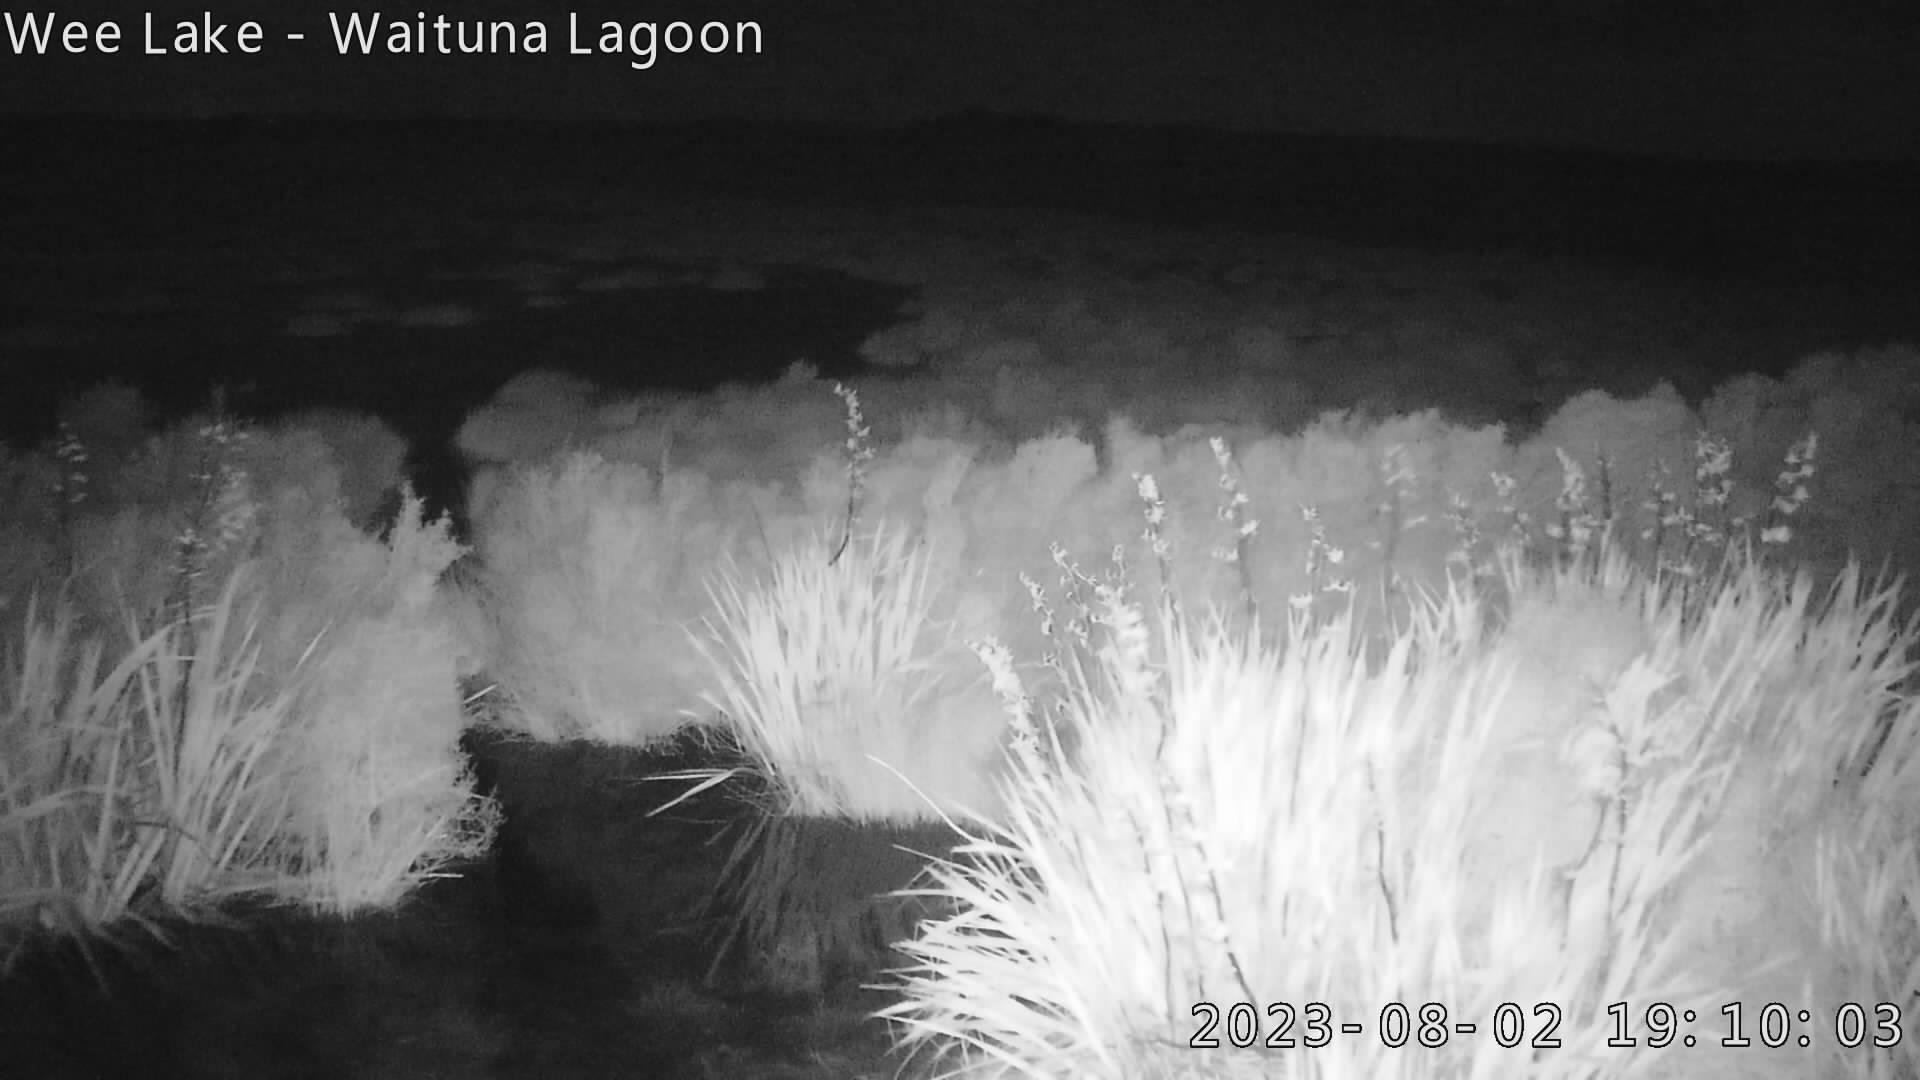 West end of Waituna Lagoon